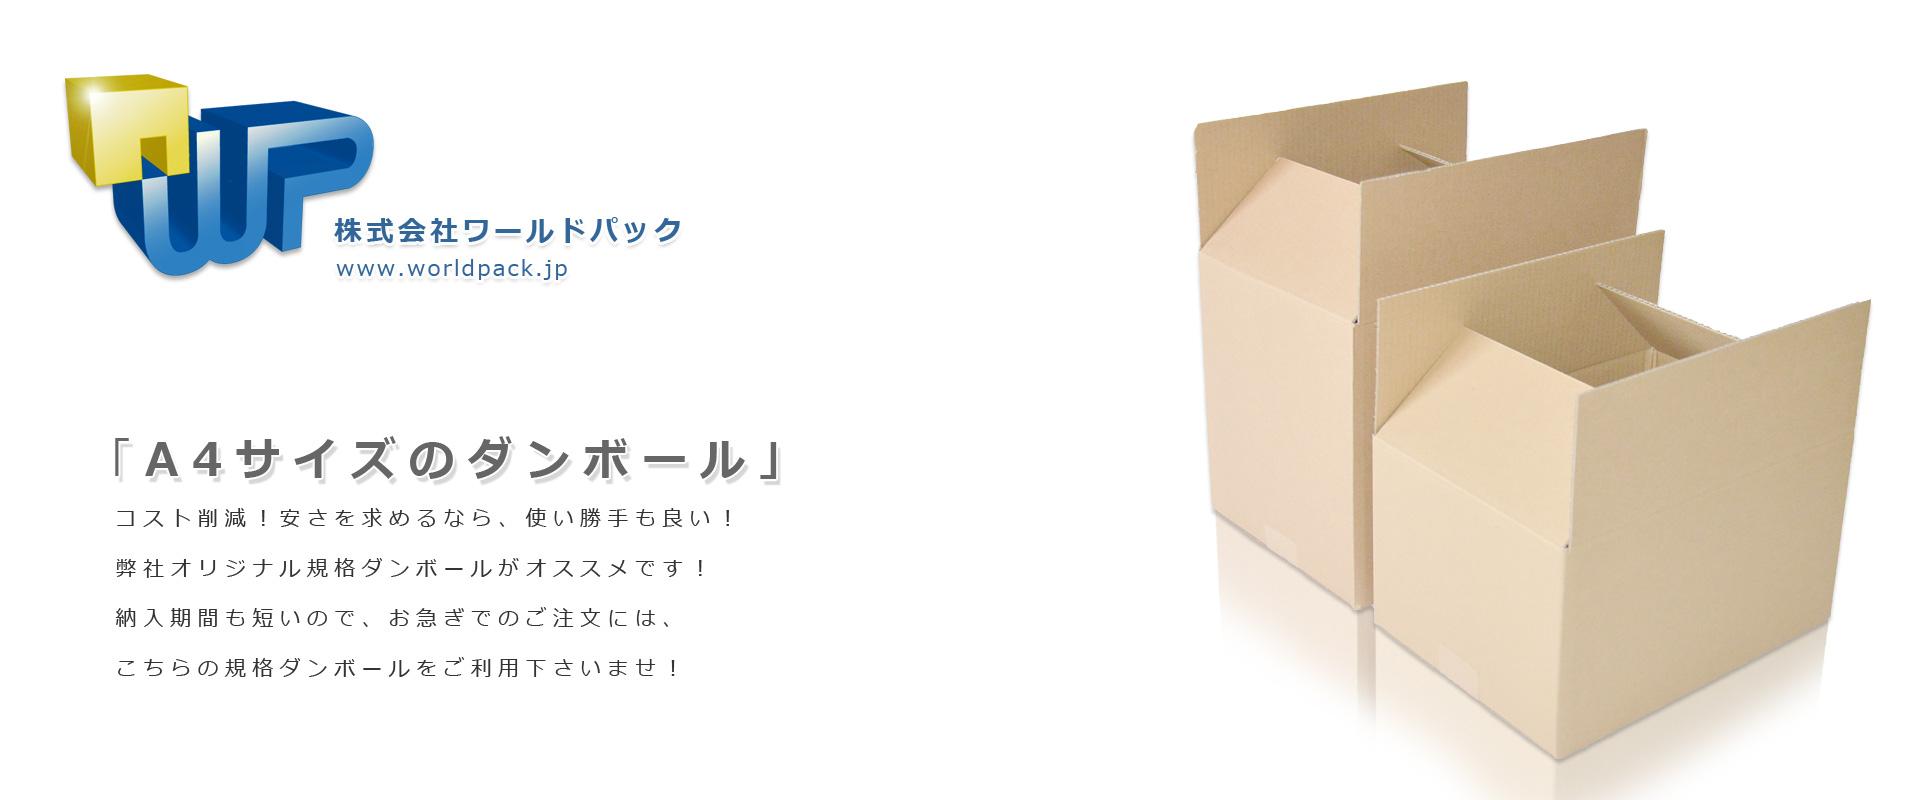 ぴったりサイズのA4ダンボール A4規格ダンボール 小ロット販売OK 株式会社ワールドパック 東京、神奈川、埼玉、千葉、茨城、群馬、栃木